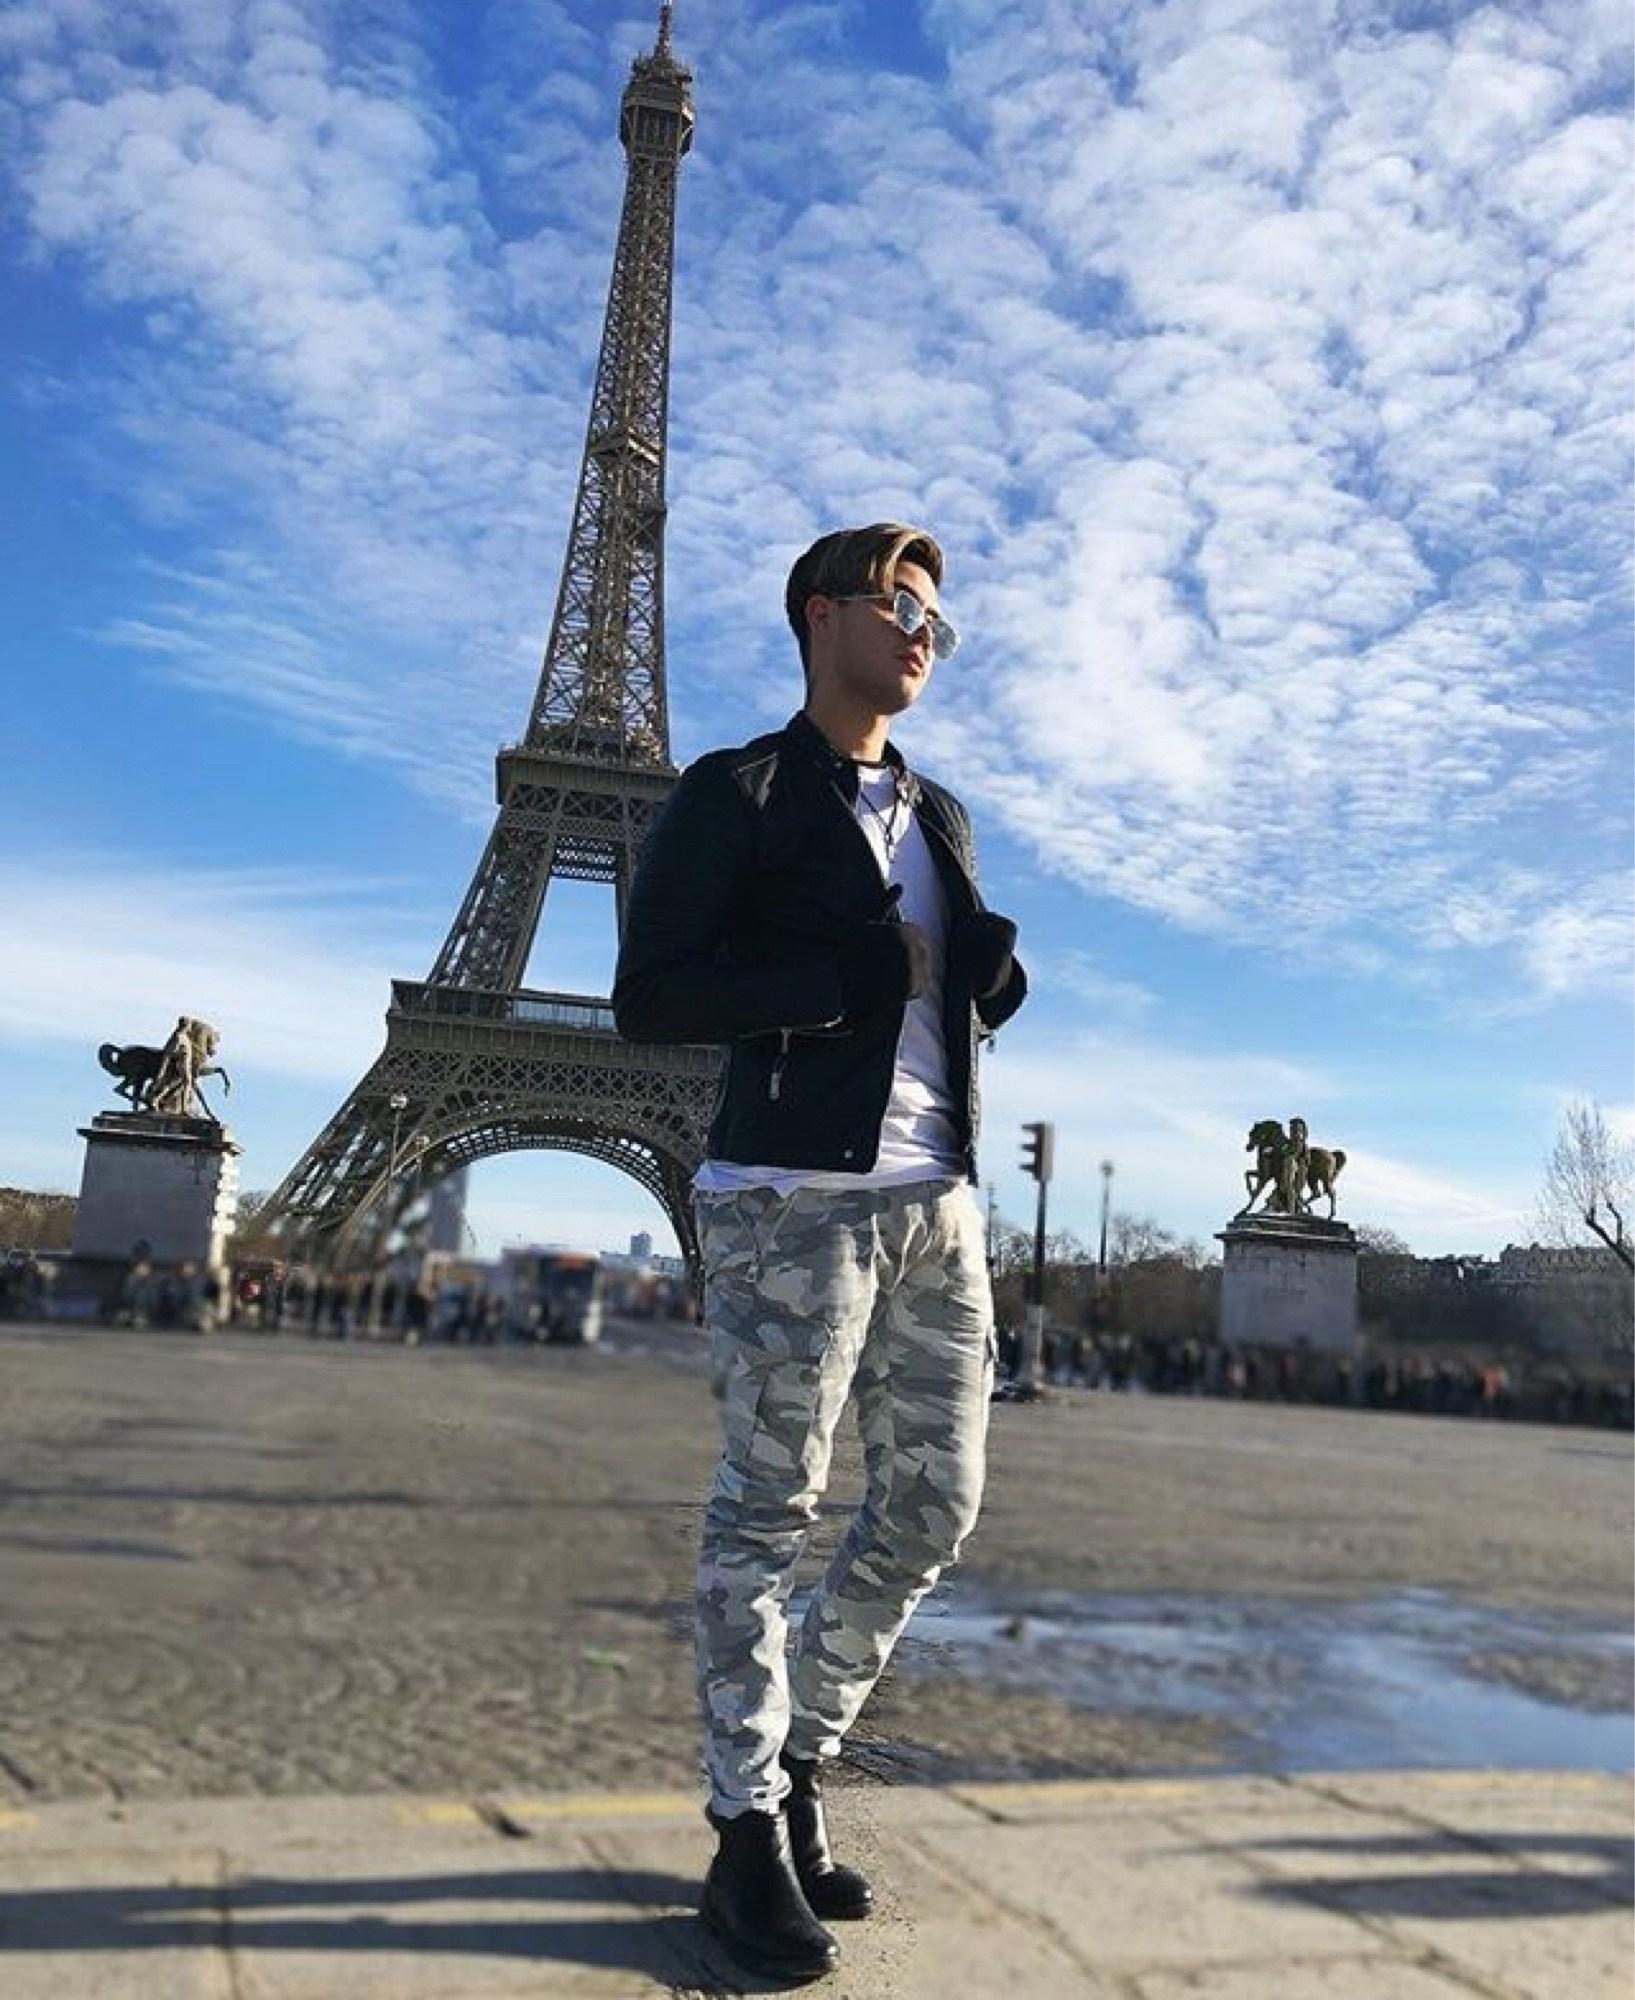 Imagenes De Juan De Dios Pantoja 2019 Buscar Con Google Pantoja Juan Pantoja Fotos En Paris